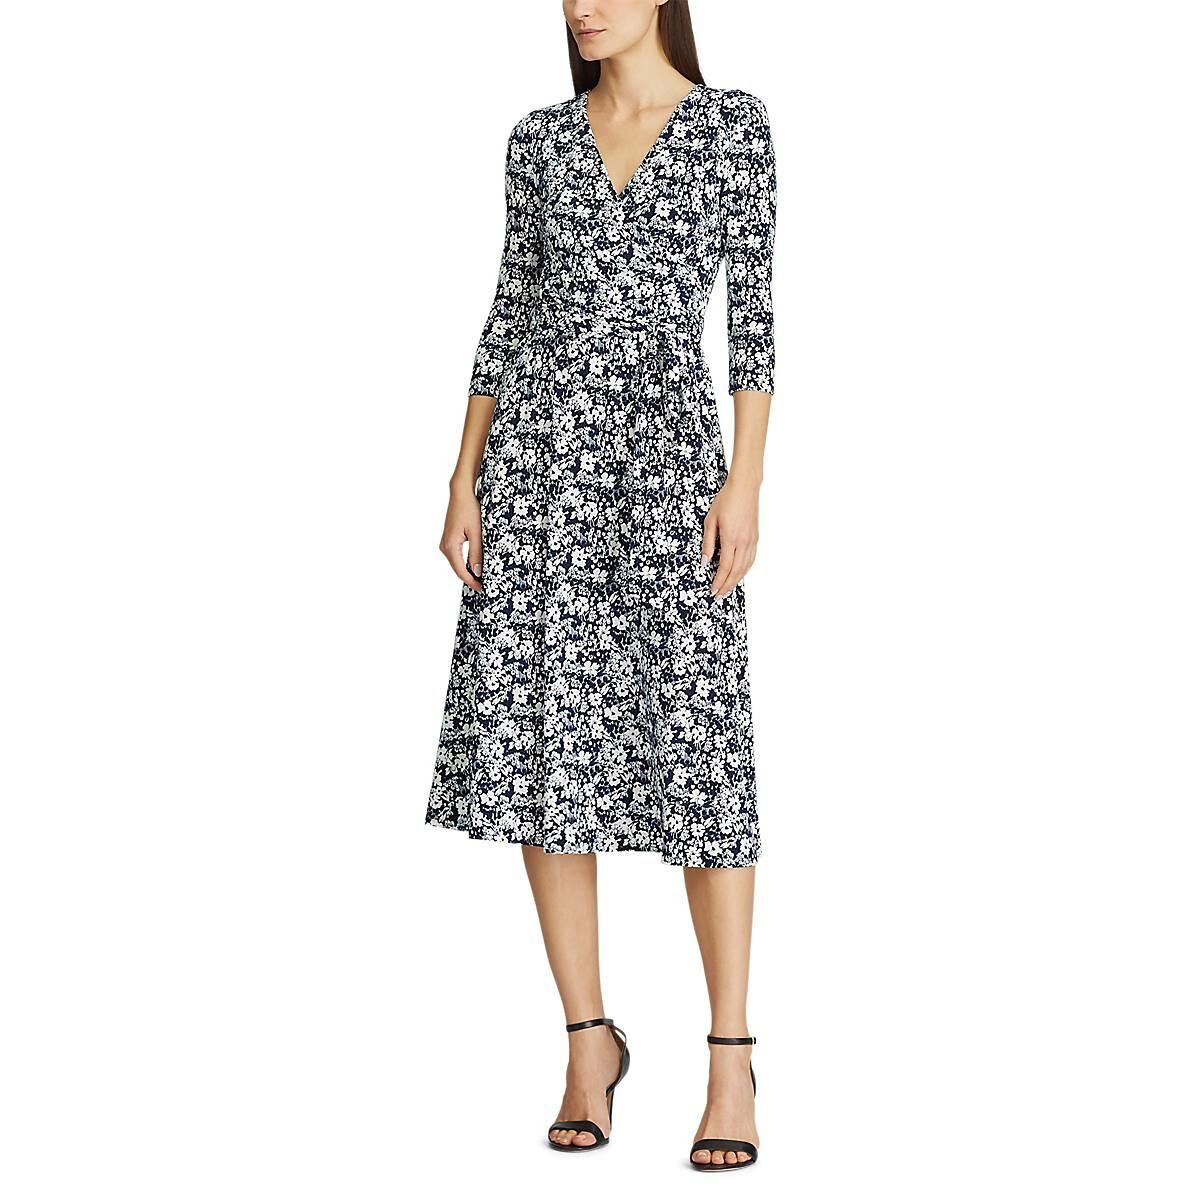 Платье La Redoute С цветочным узором с V-образным перекрестным вырезом 40 (FR) - 46 (RUS) синий складной нож realsteel sidus free сталь d2 g10